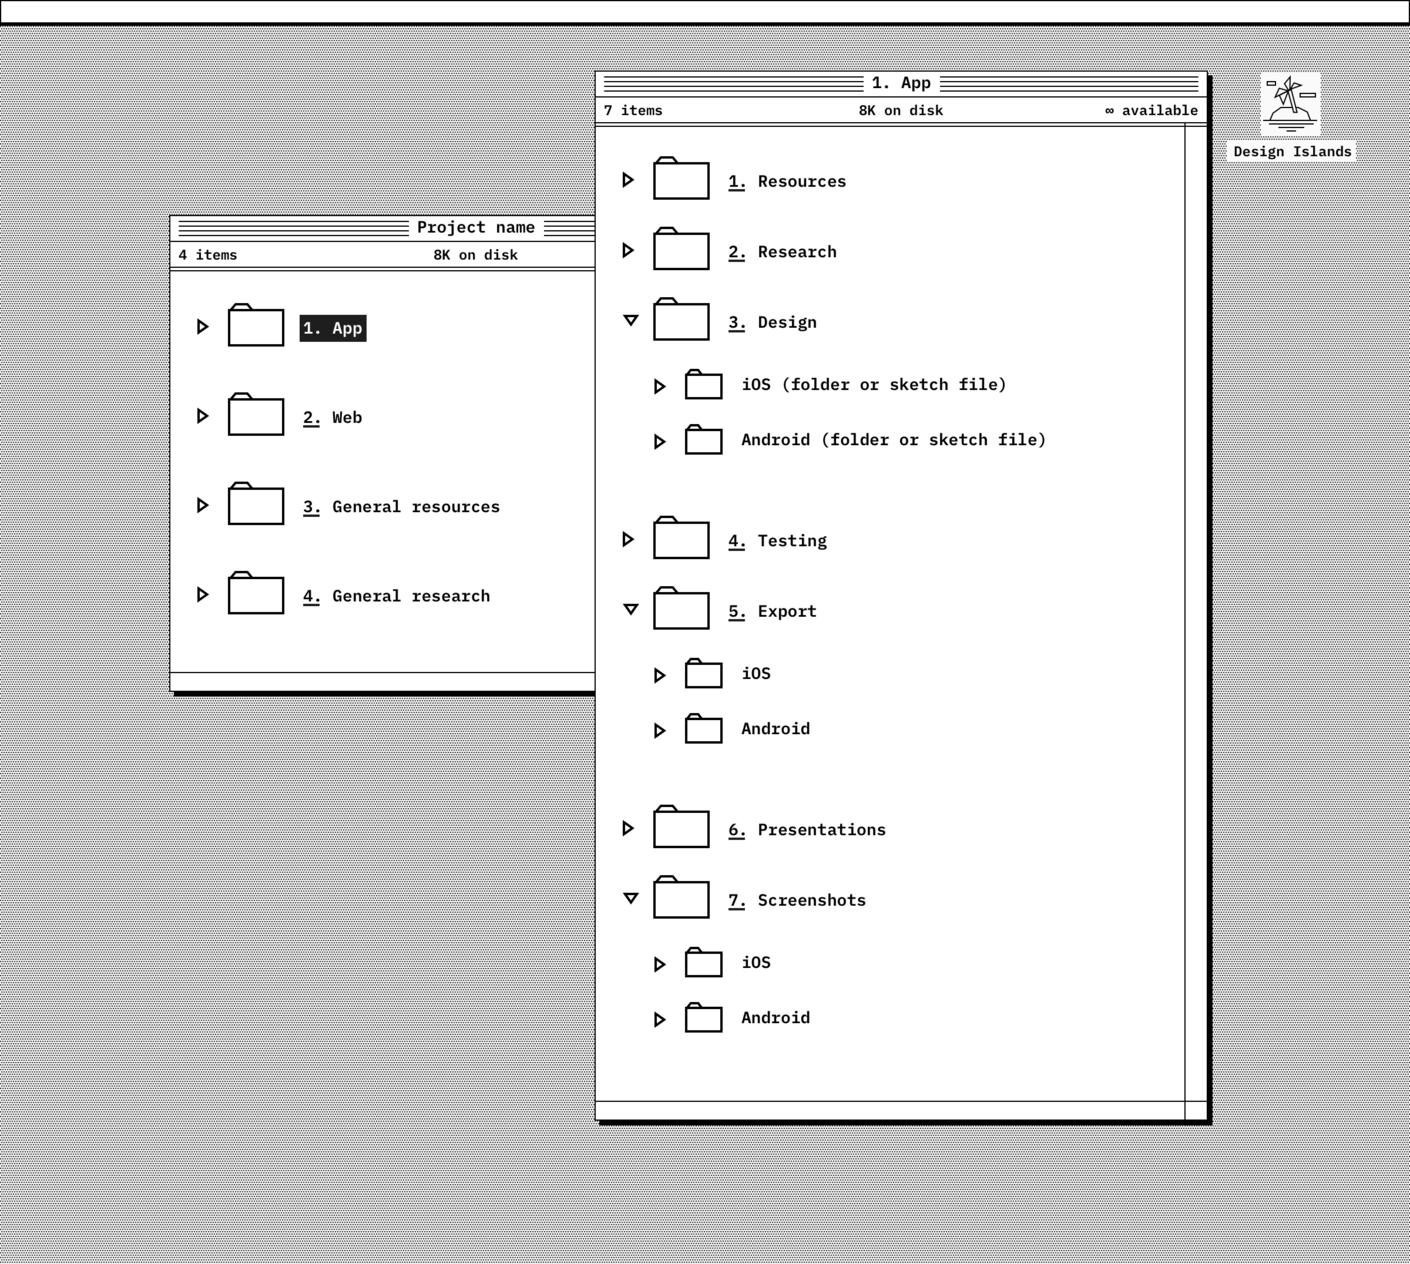 Mobile app folder details